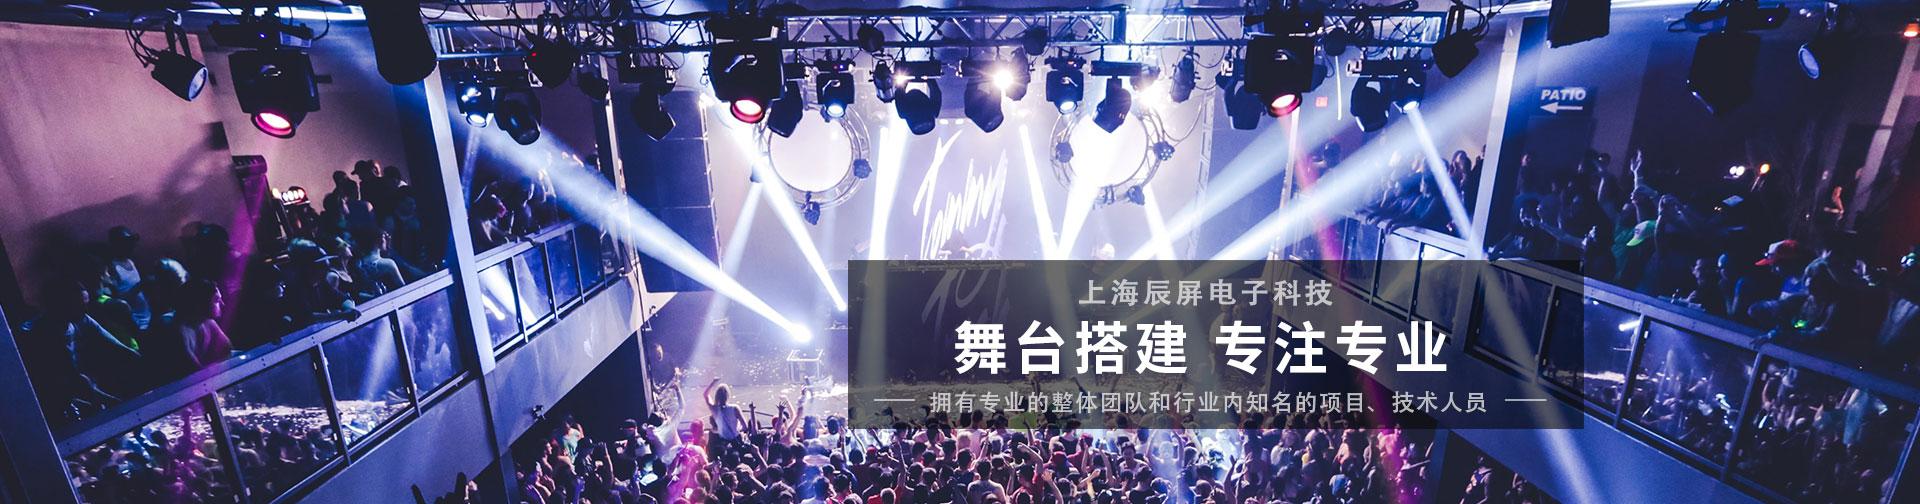 上海灯光音响租赁